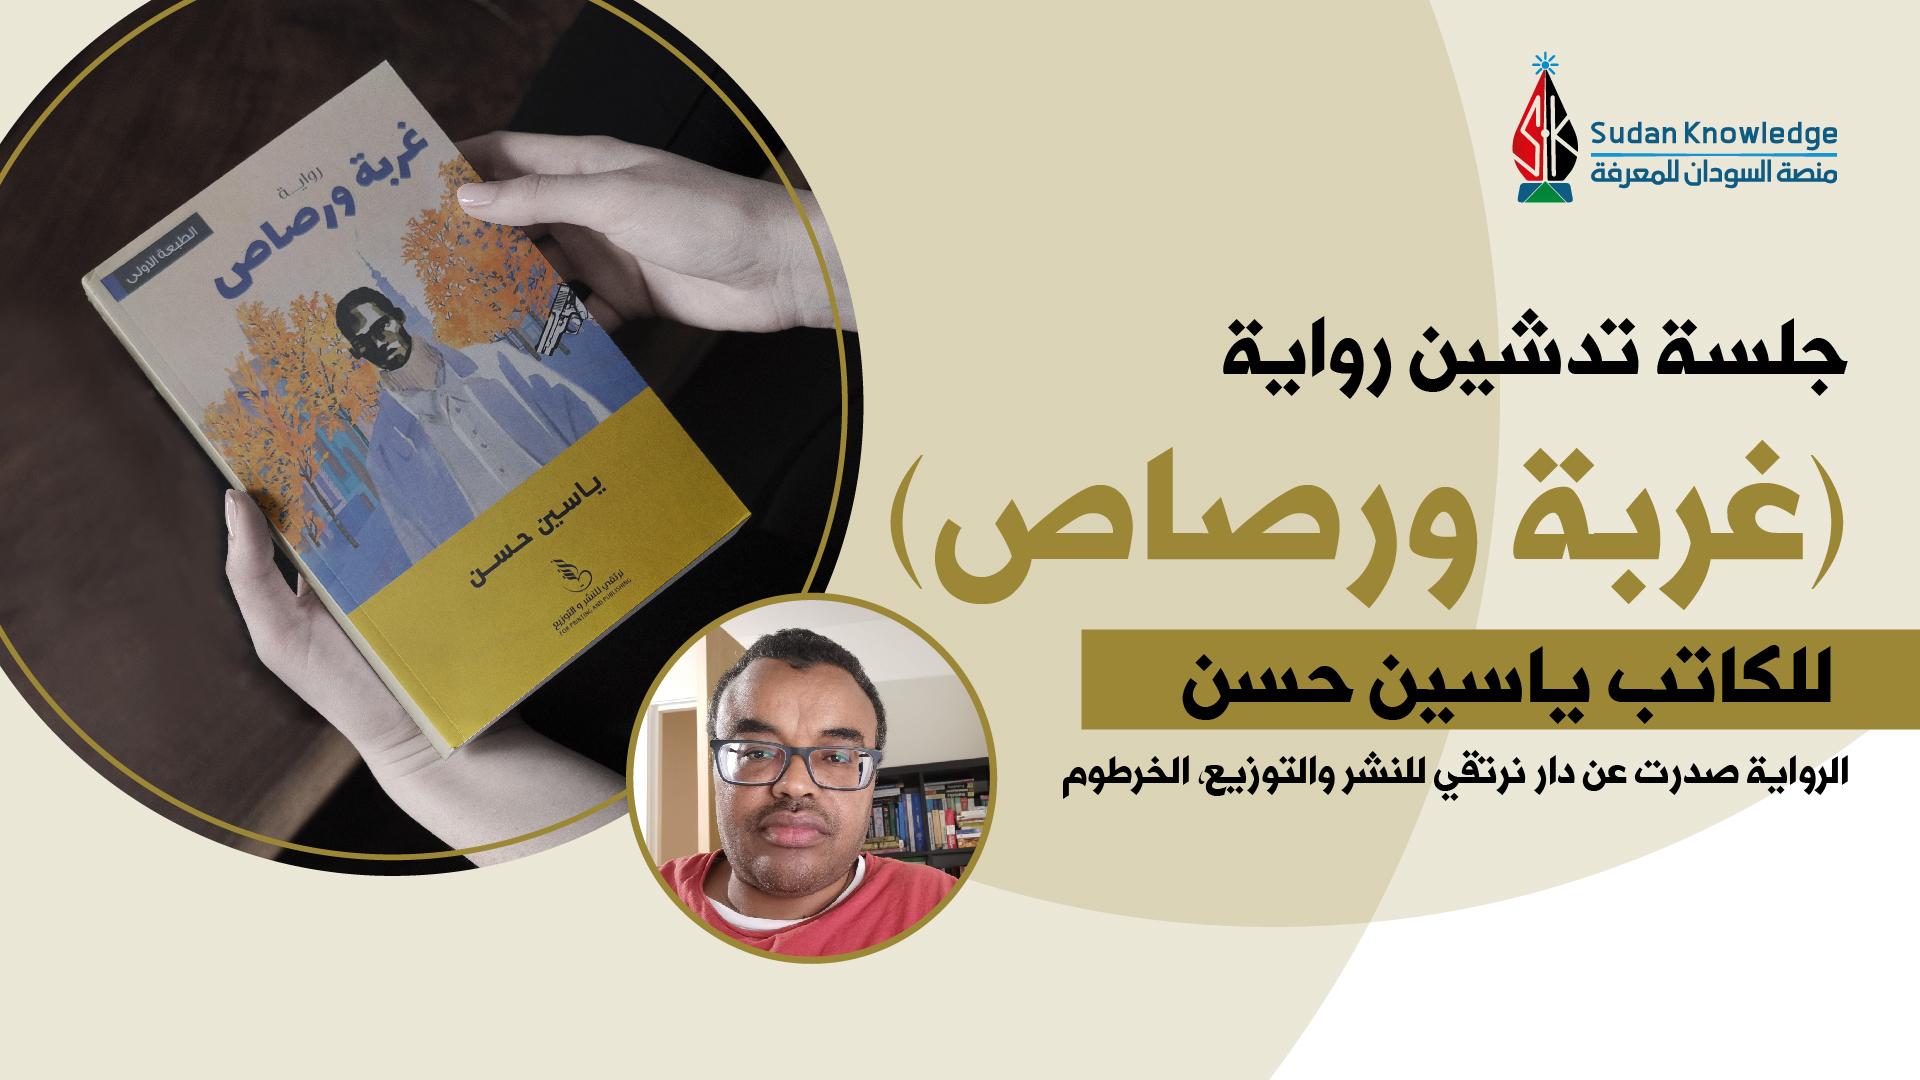 تدشين رواية غربة ورصاص للكاتب ياسين حسن